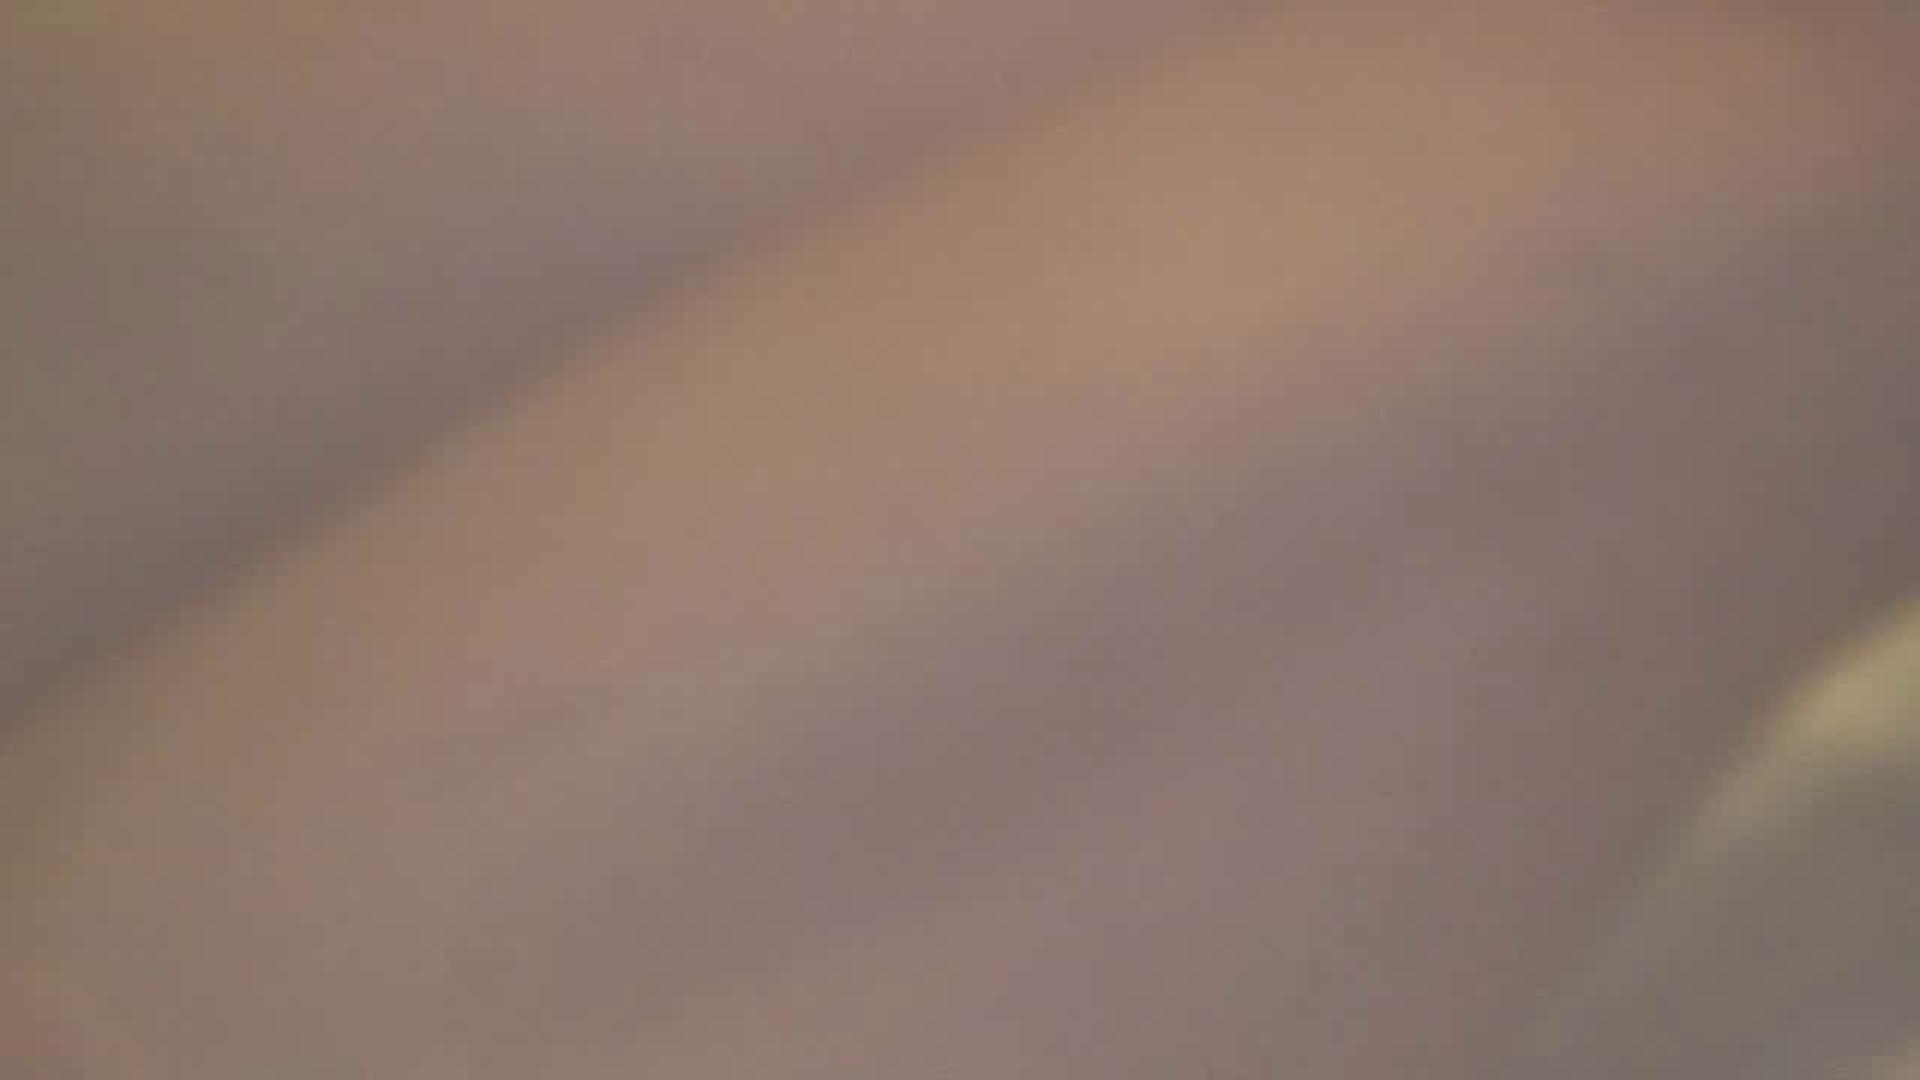 老舗ペンション2代目オーナーが流出したお宝映像Vol.4 カップル  95pic 85